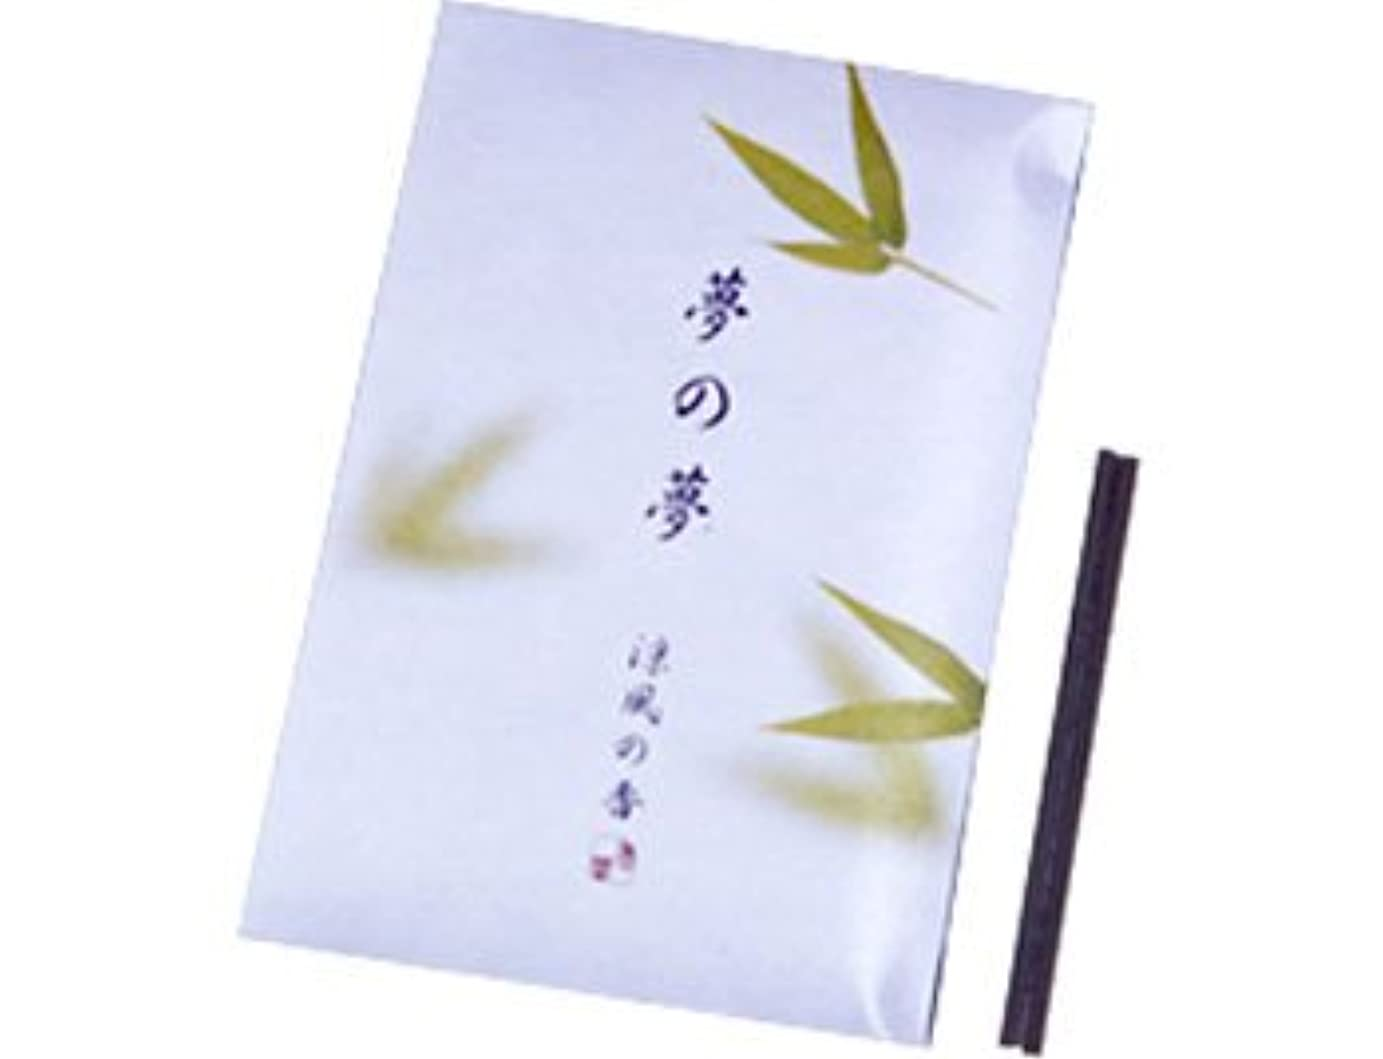 悪化する松の木アラバマお香 インセンス 「夢の夢 涼風の香 スティック12本入 ( すずかぜ ) 」